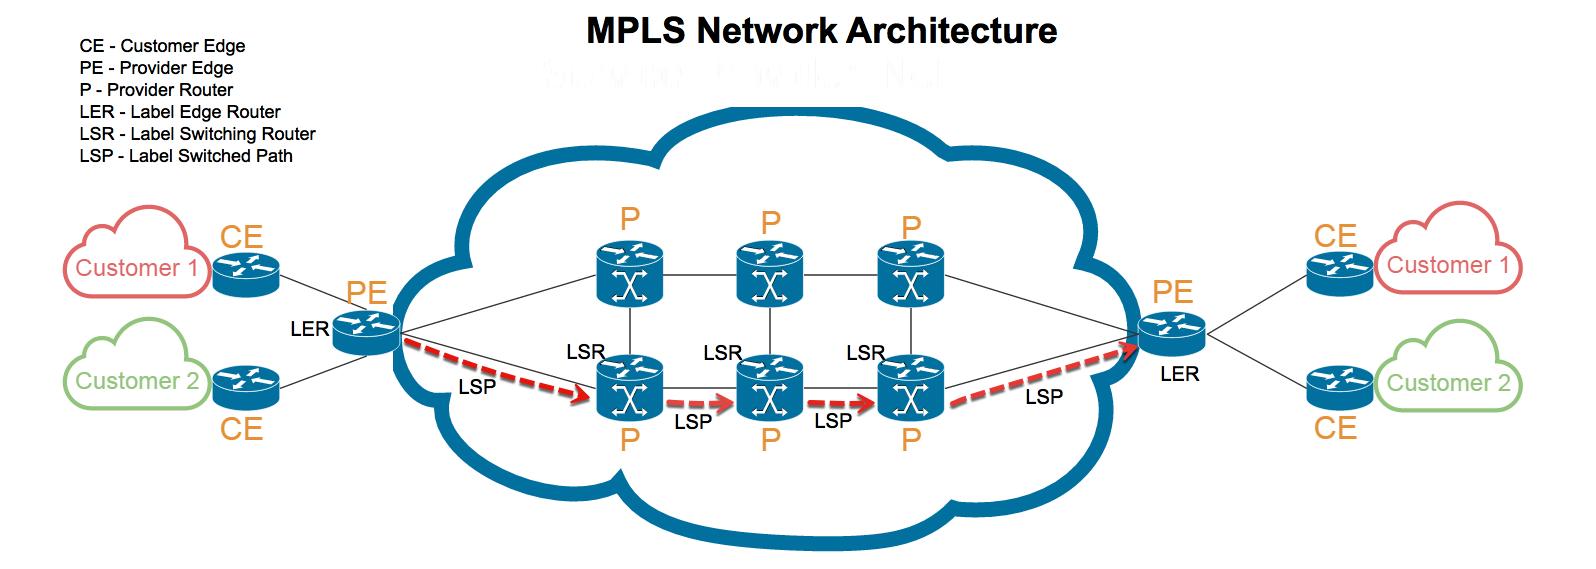 VPN vs MPLS: MPLS